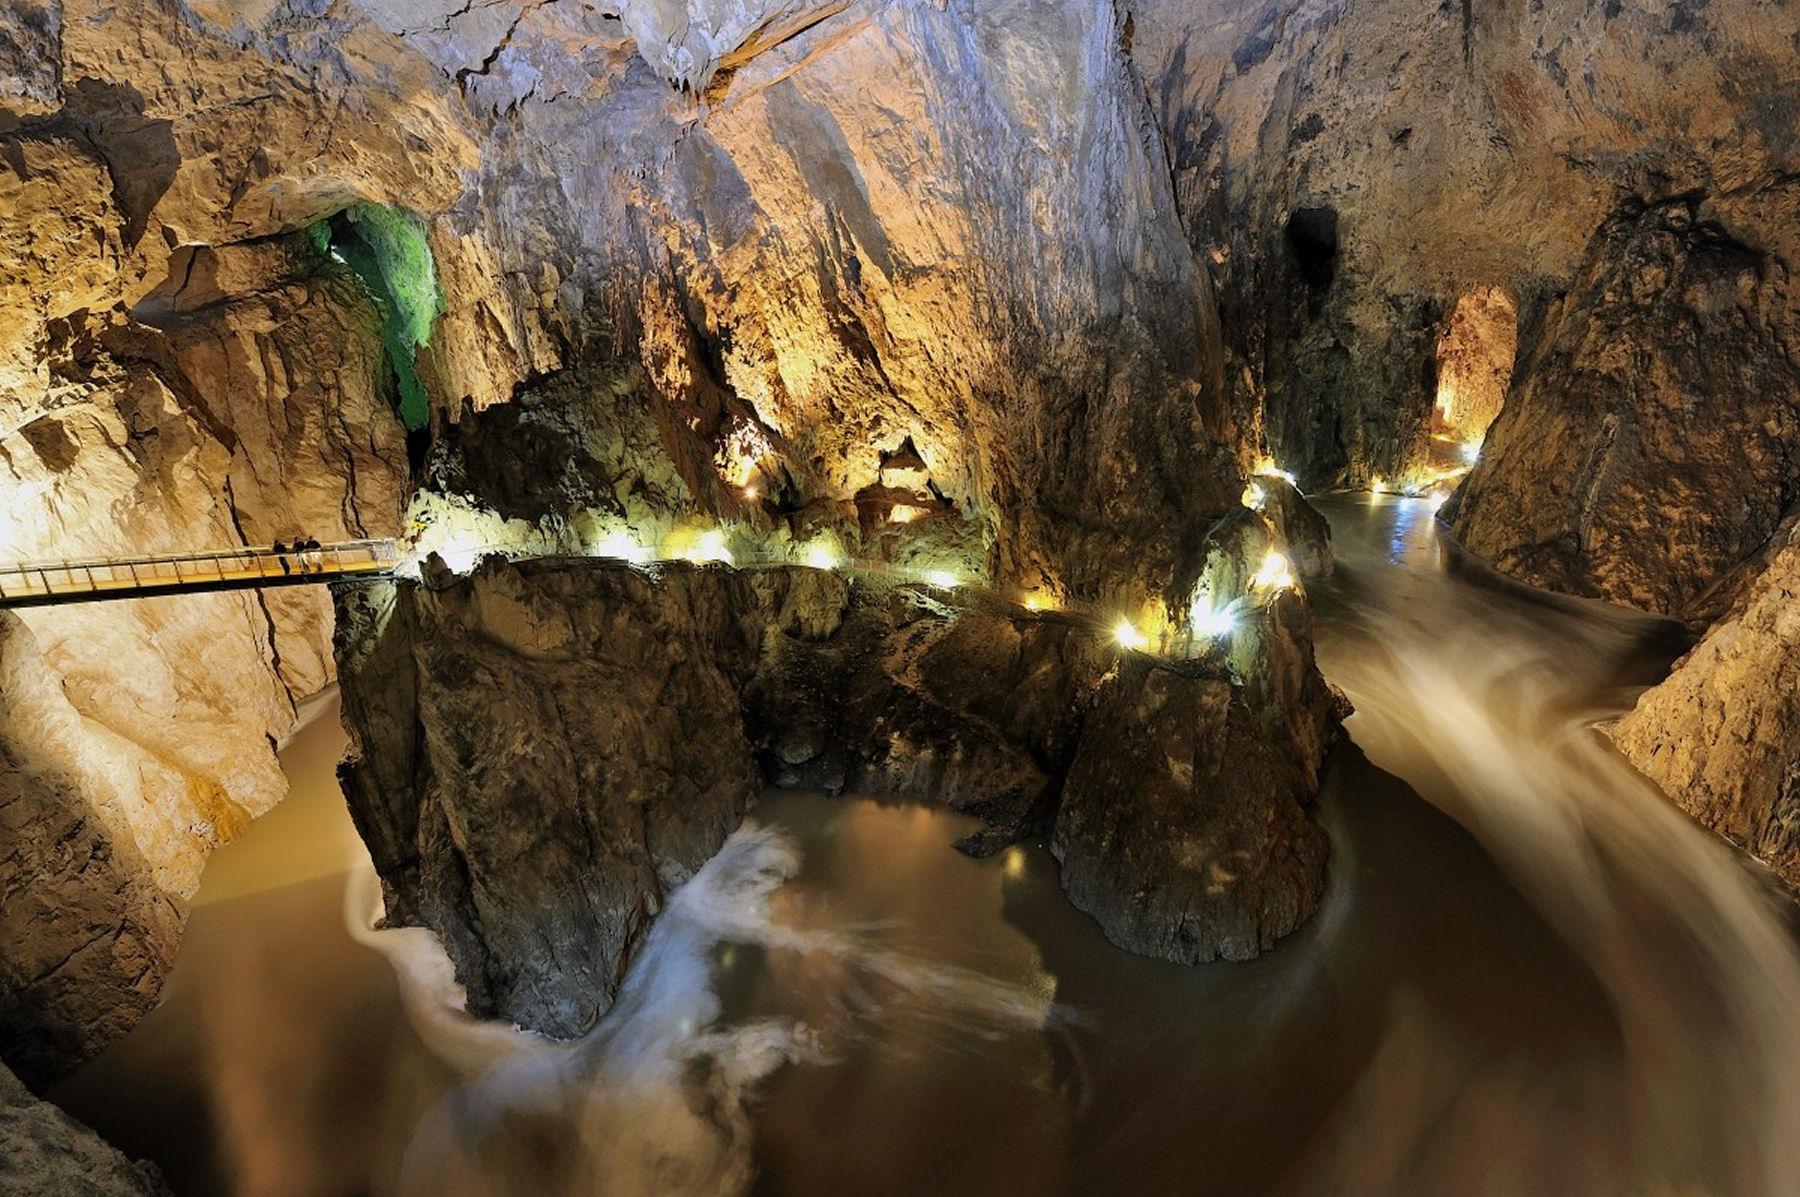 Destinatii Turistice Slovenia - Pesterile Skocjan Slovenia